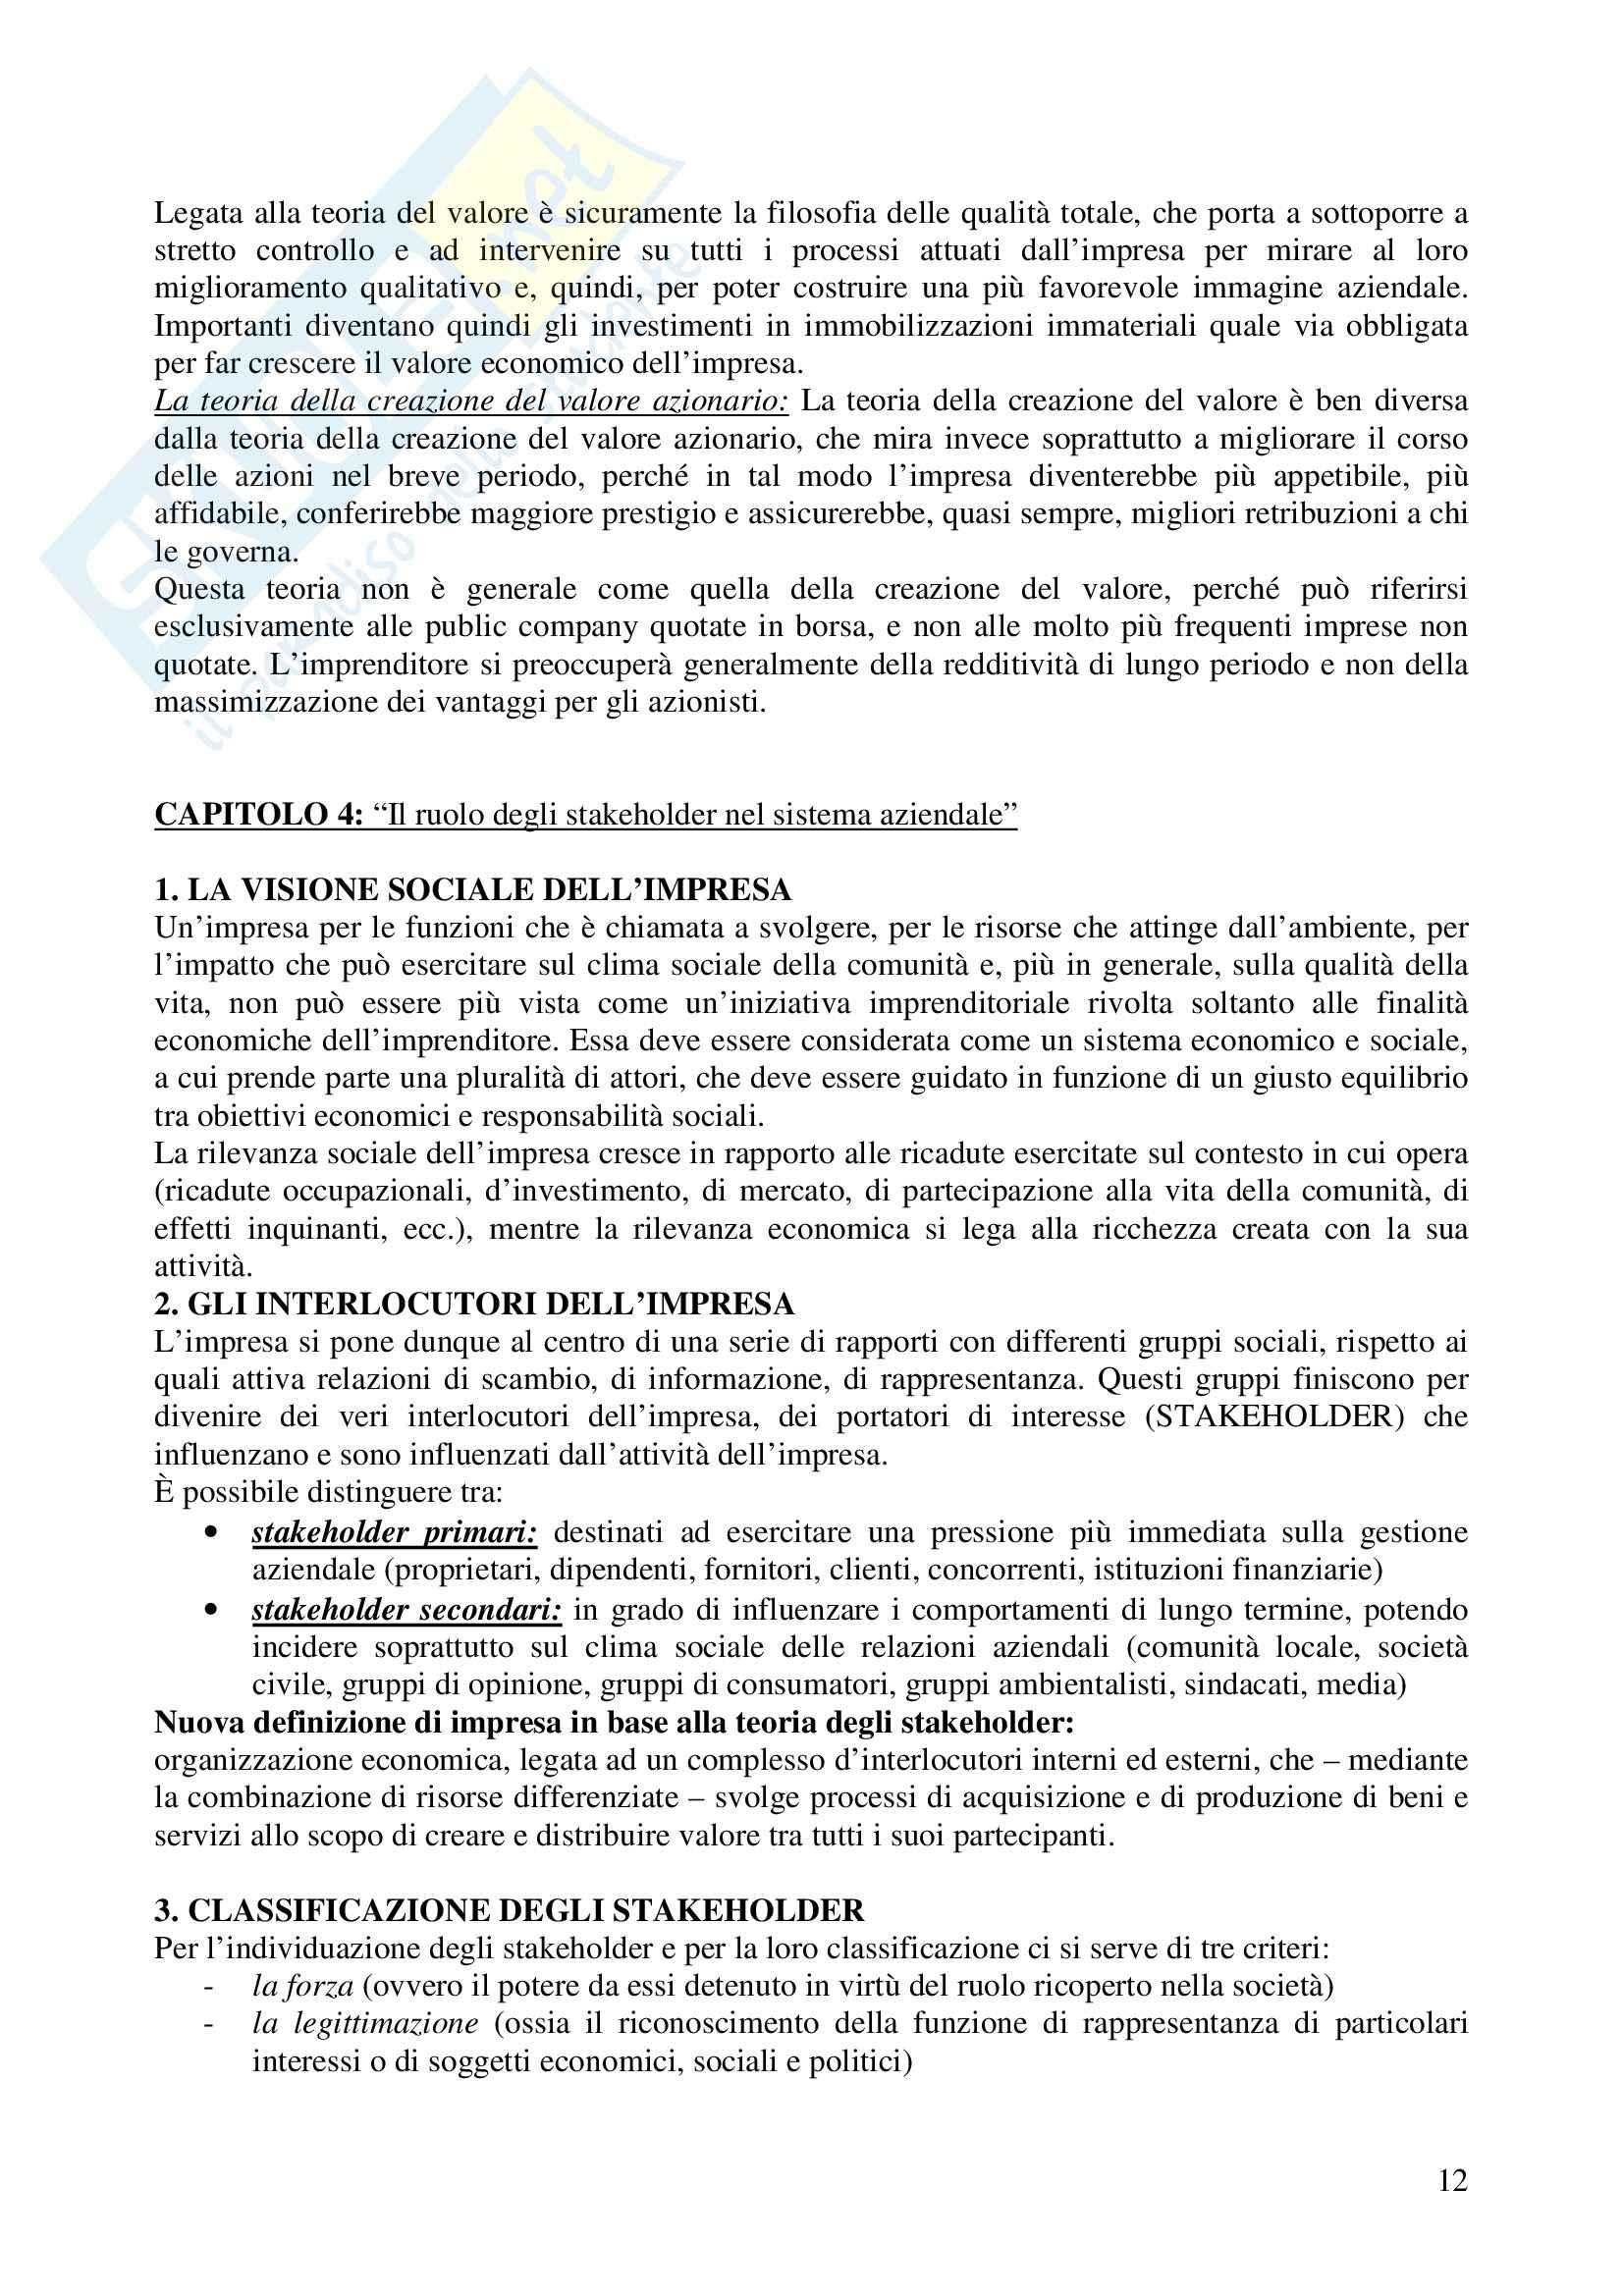 Riassunto esame Economia e gestione delle imprese, prof. Calza, libro consigliato Fondamenti di economia e gestione delle imprese, Sciarelli Pag. 11